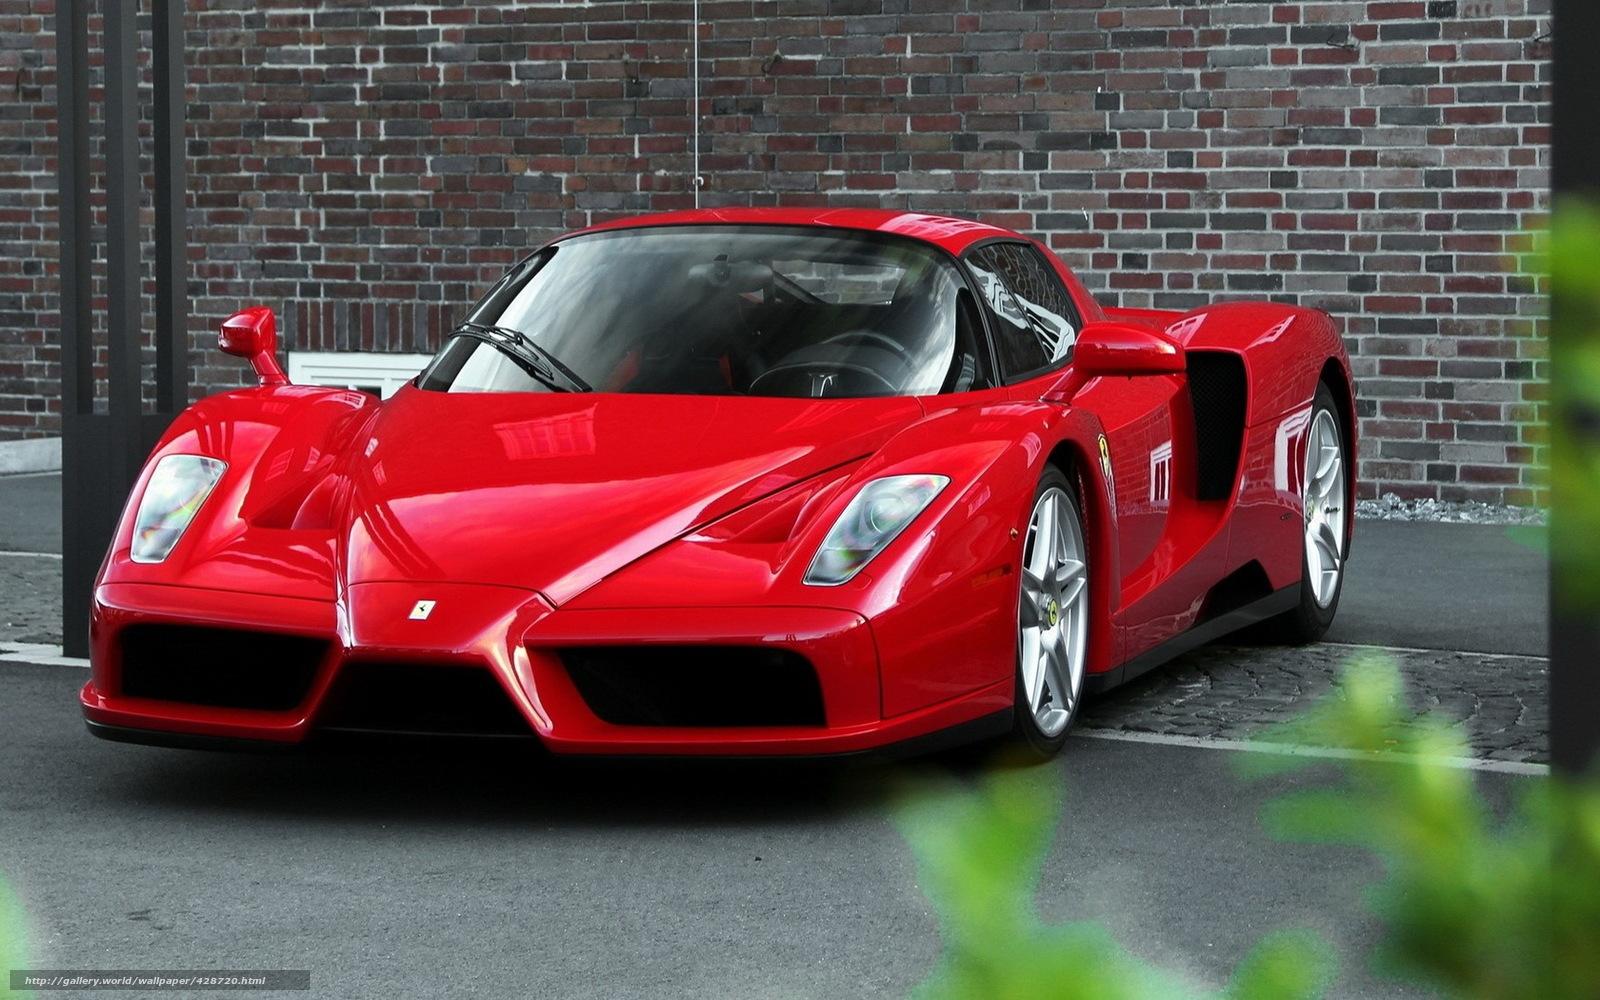 Обои красный Ferrari Enzo просмо…